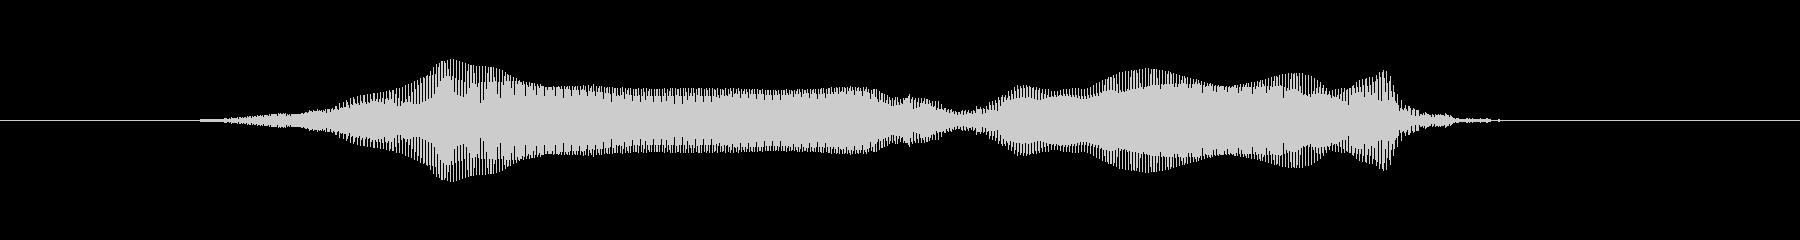 鳴き声 女性応援03の未再生の波形